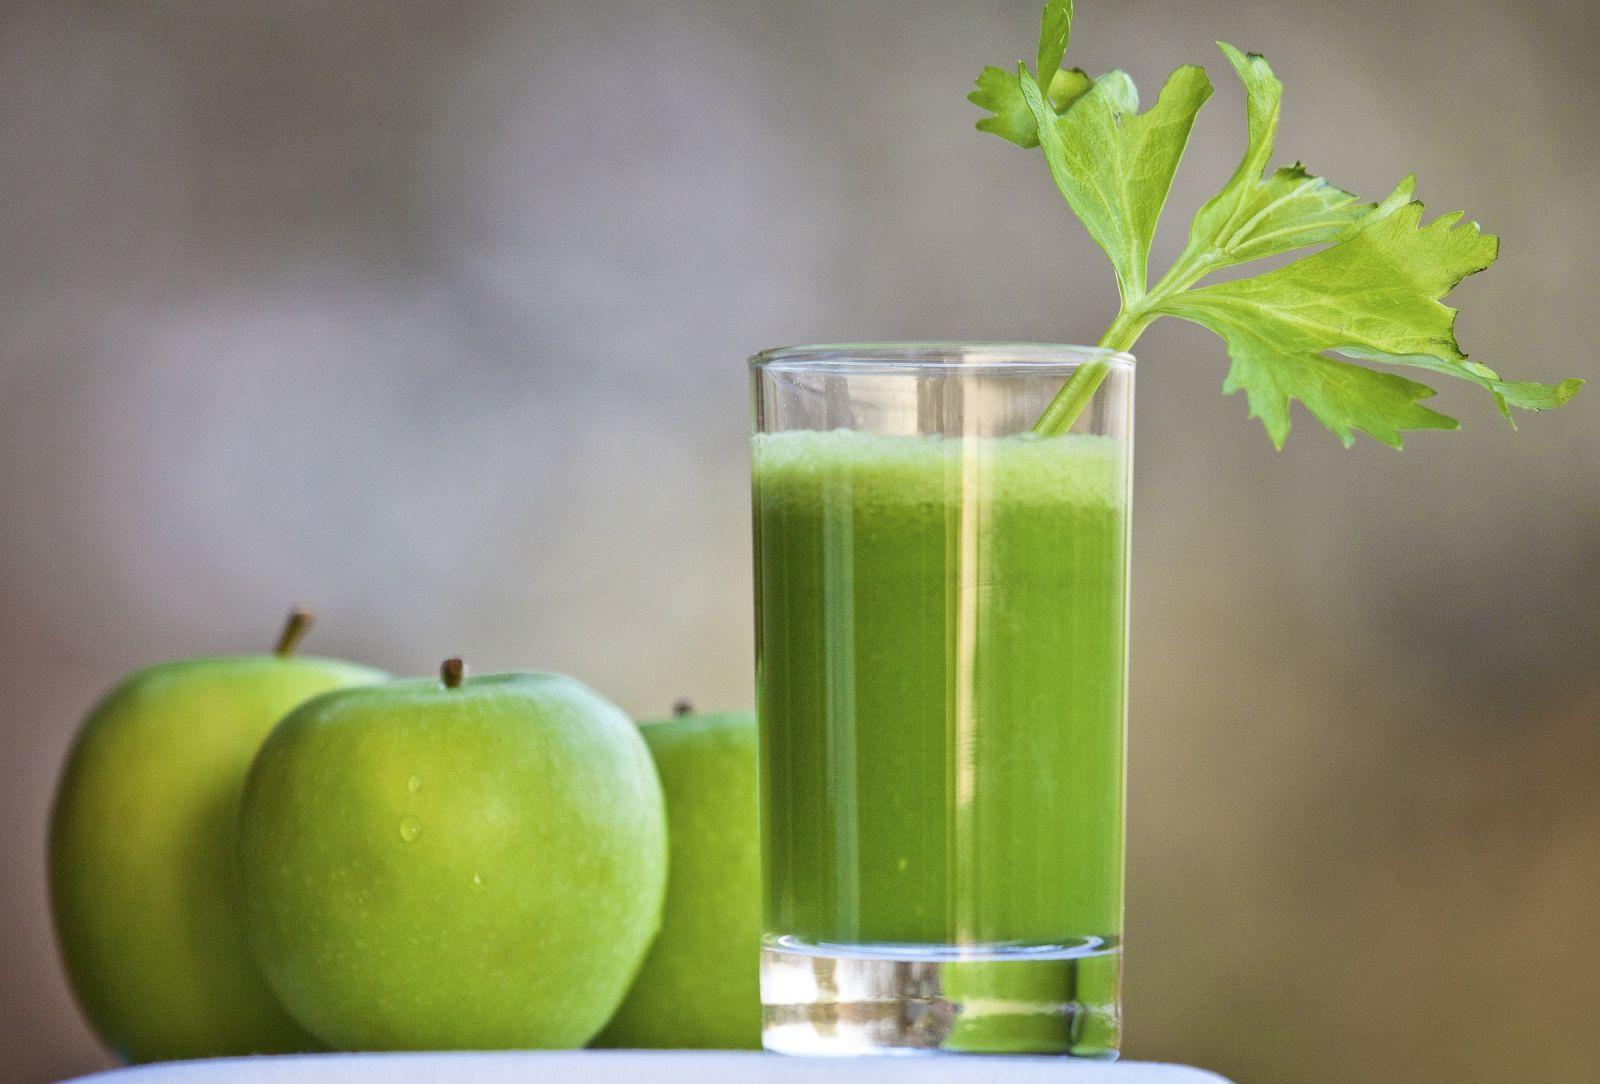 ăn gì giảm béo mặt, ăn gì để giảm béo mặt nhanh nhất, ăn rau gì giảm béo mặt, nên ăn gì để giảm béo mặt